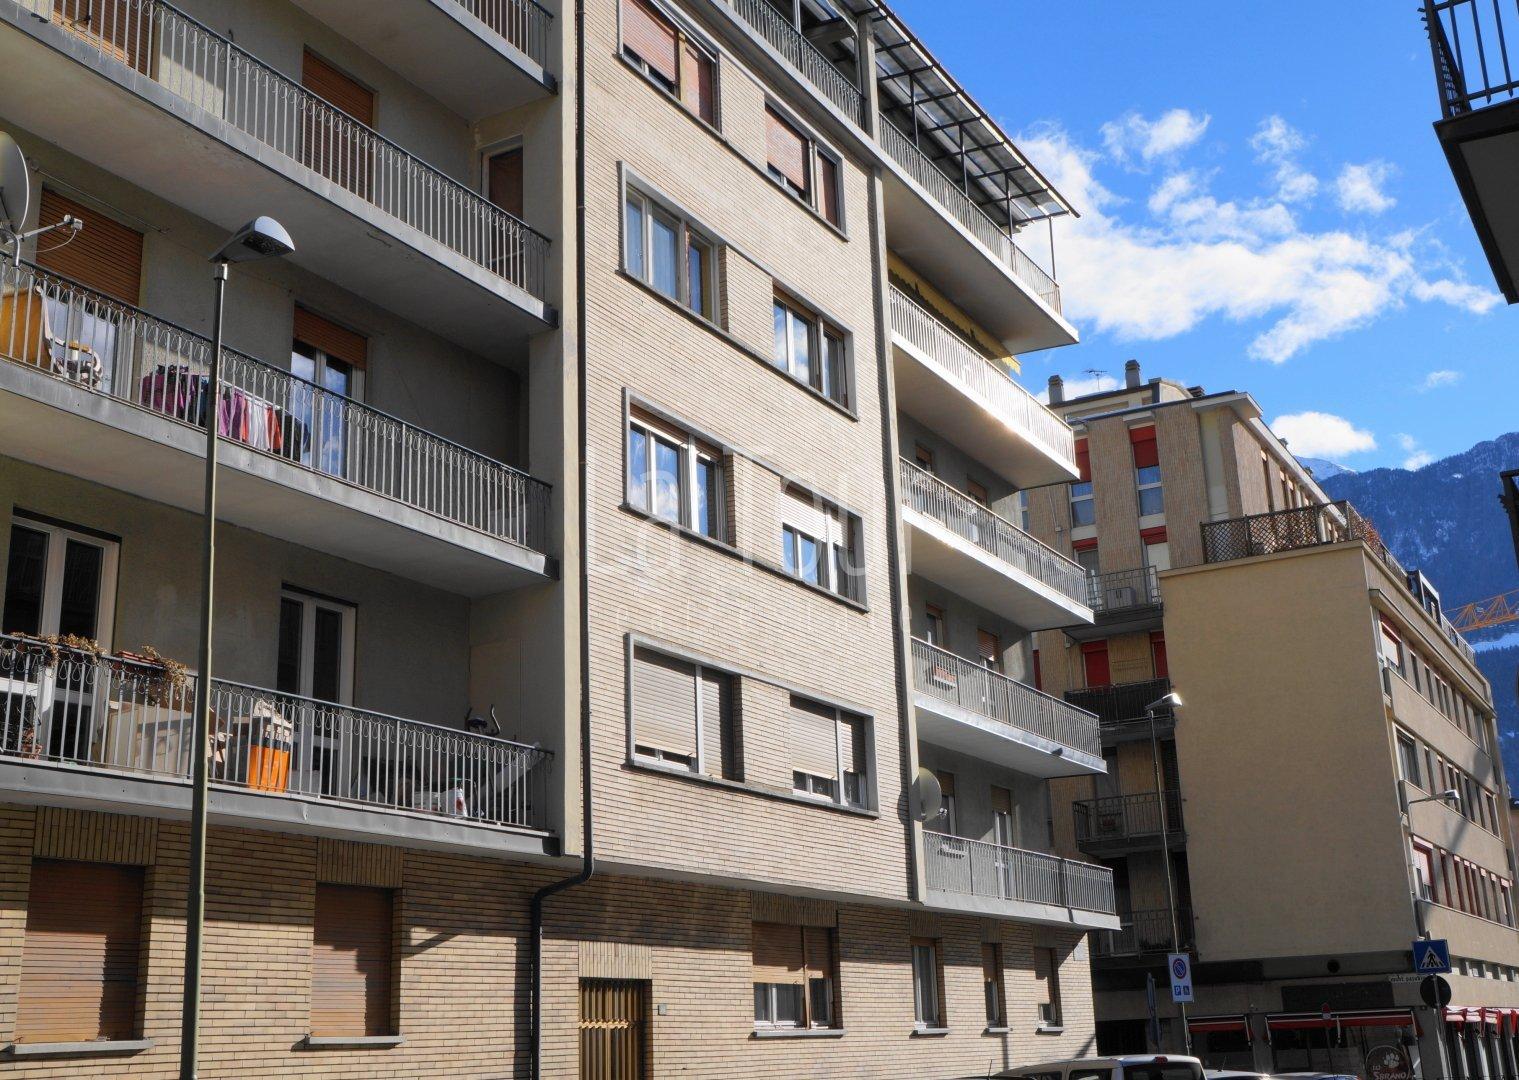 trilocale in vendita ad Aosta